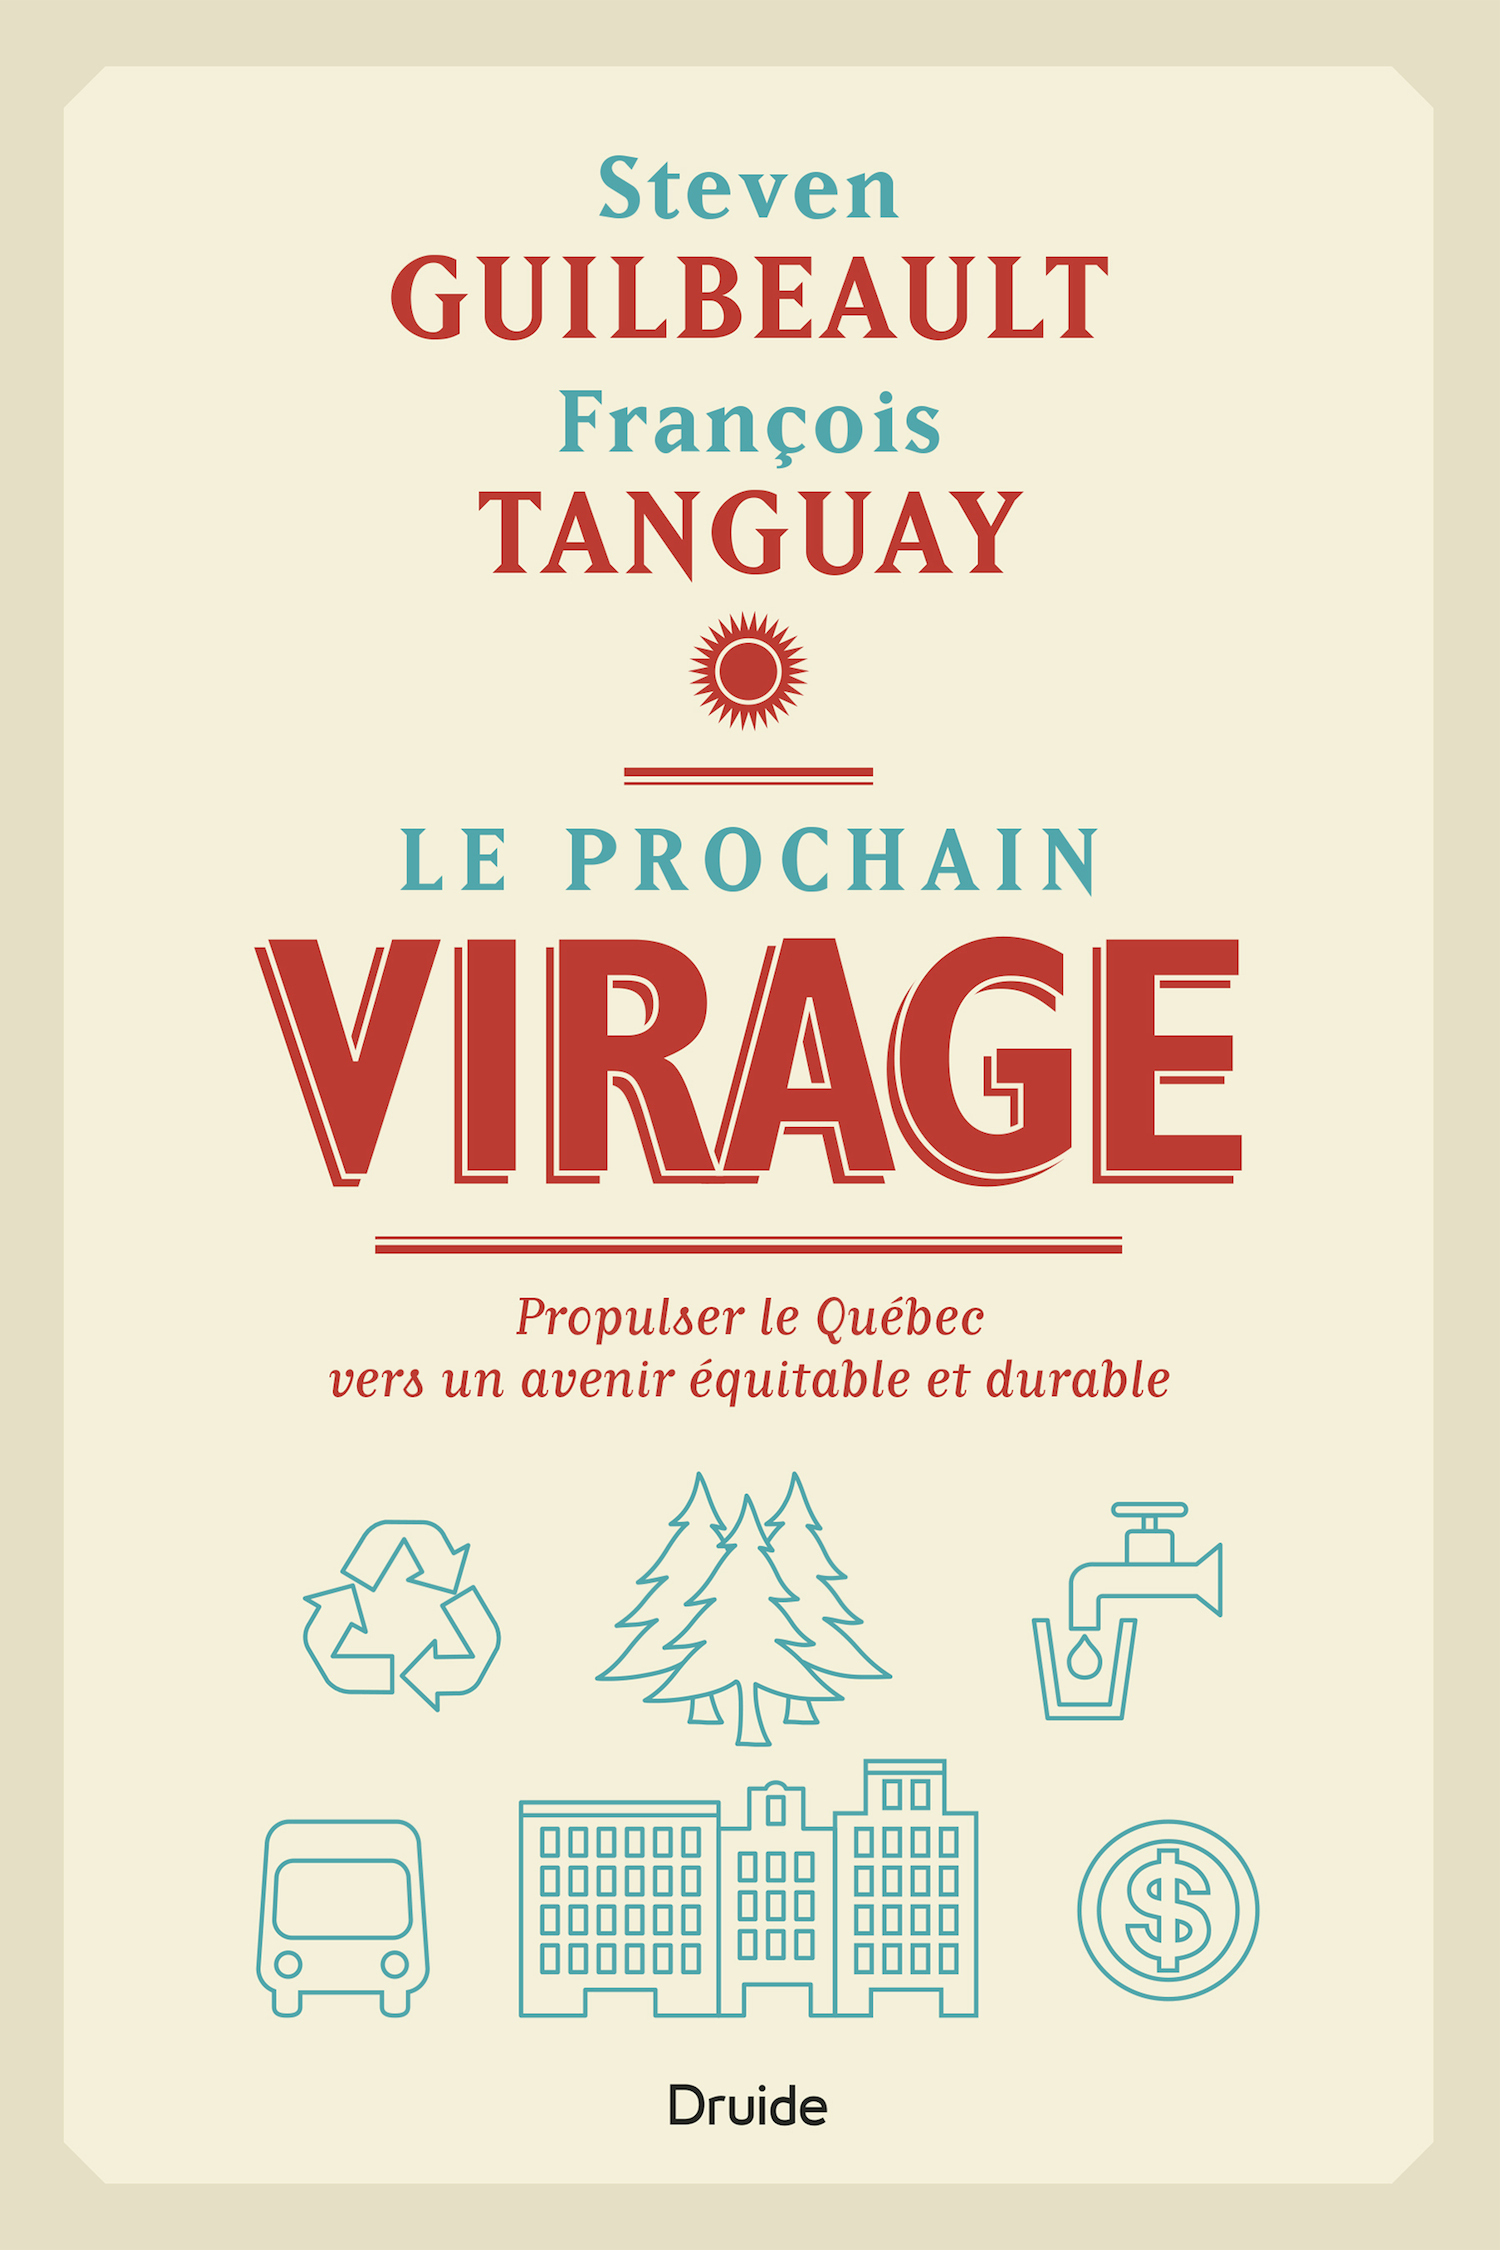 Le prochain virage, Propulser le Québec vers un avenir équitable et durable